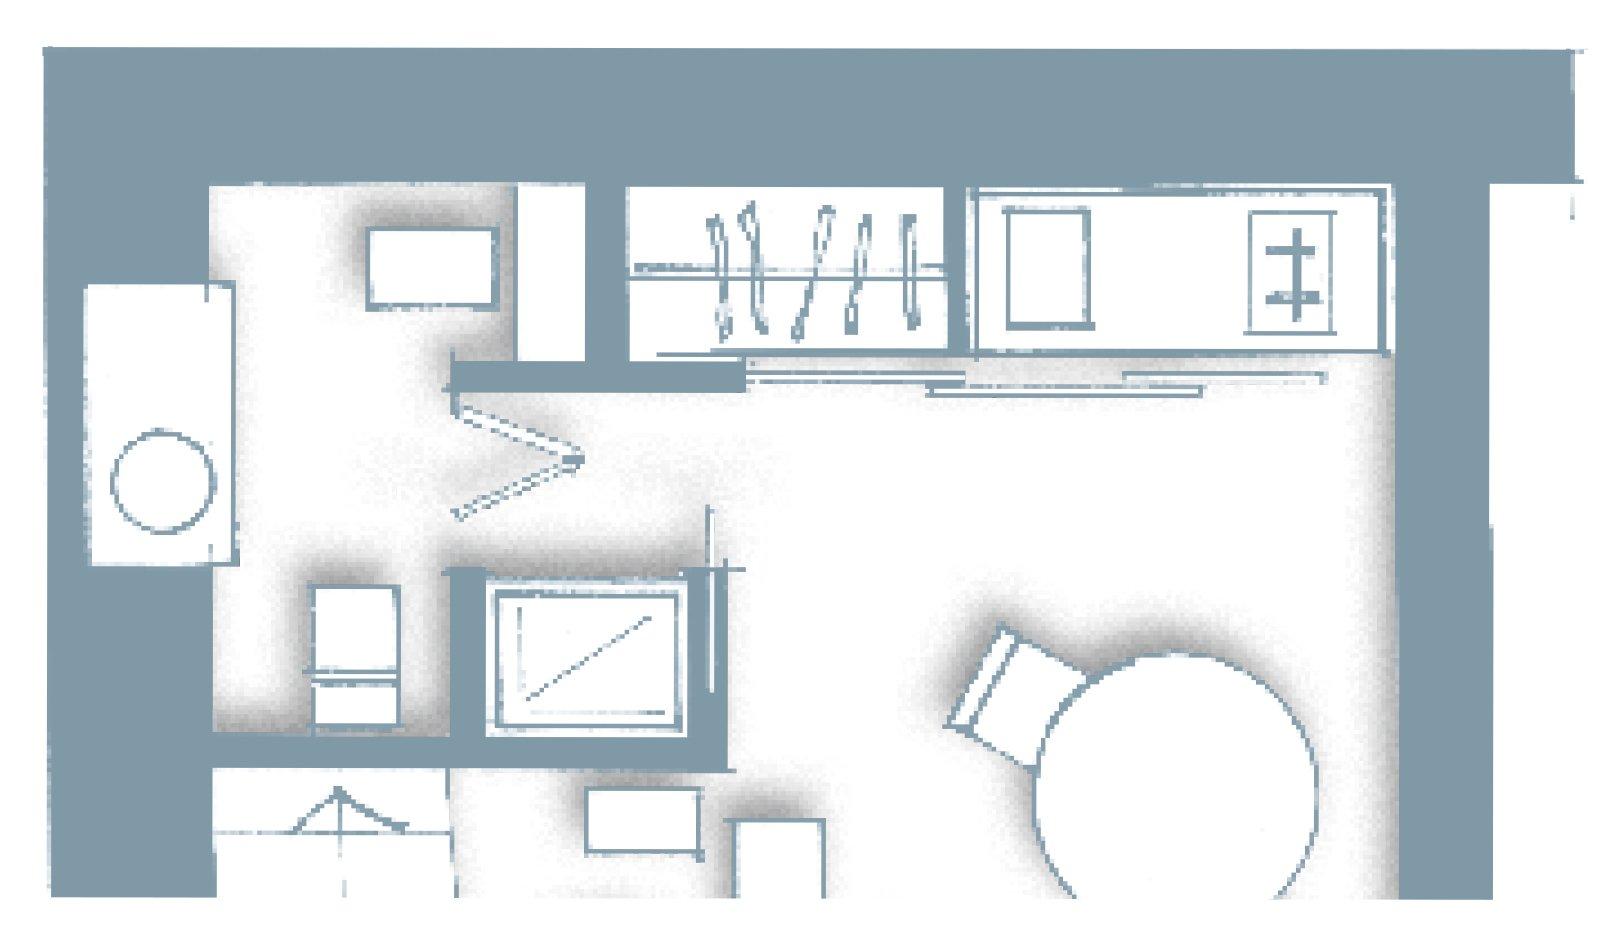 Monolocale una casa di 30 mq risolta al centimetro cose for Planimetrie di layout di casa